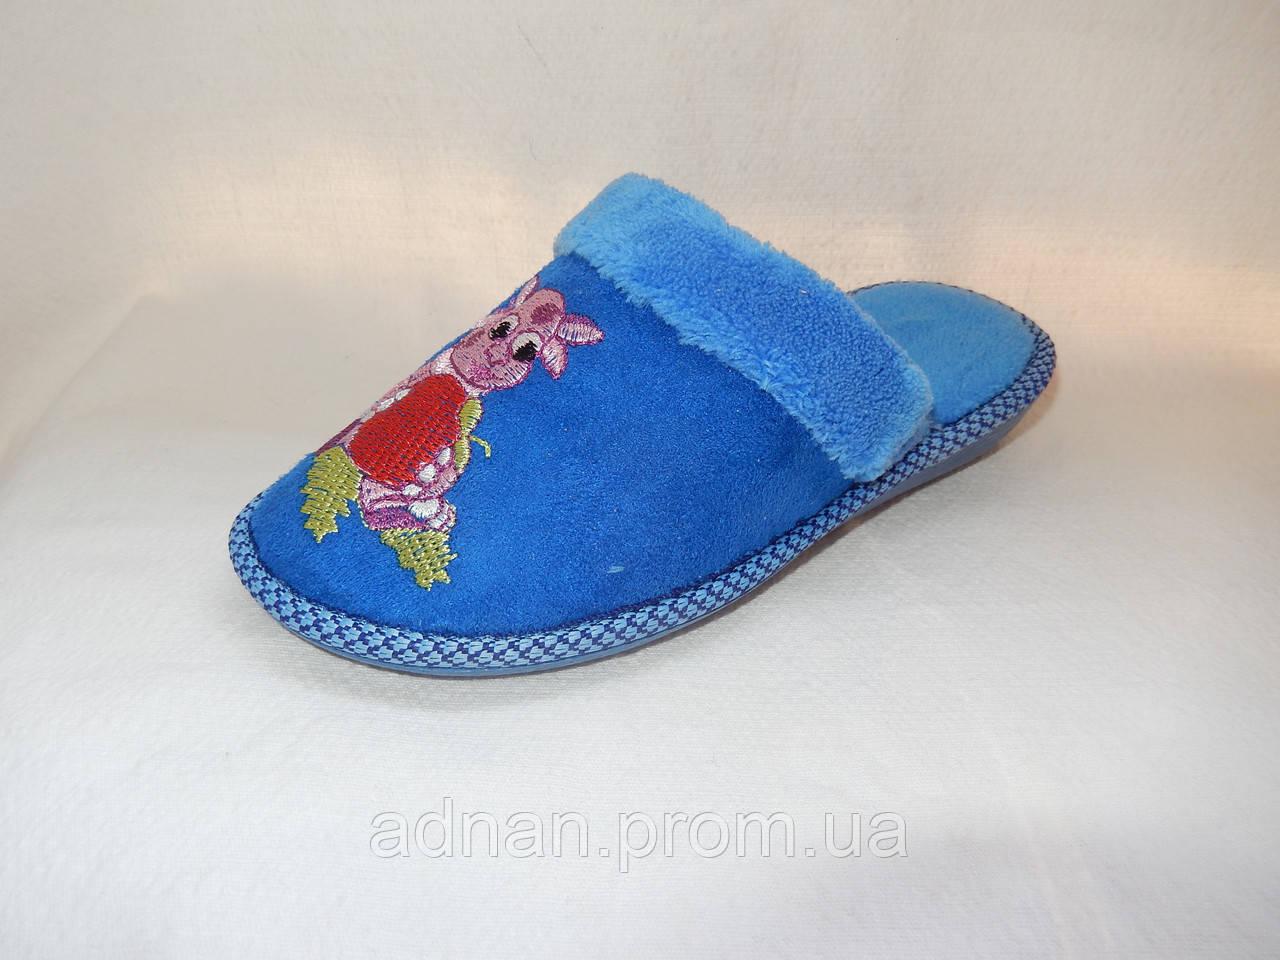 Тапочки детские, БЕЛСТА, 6 пар в упаковке, махра 002 Украина/ купить тапочки оптом